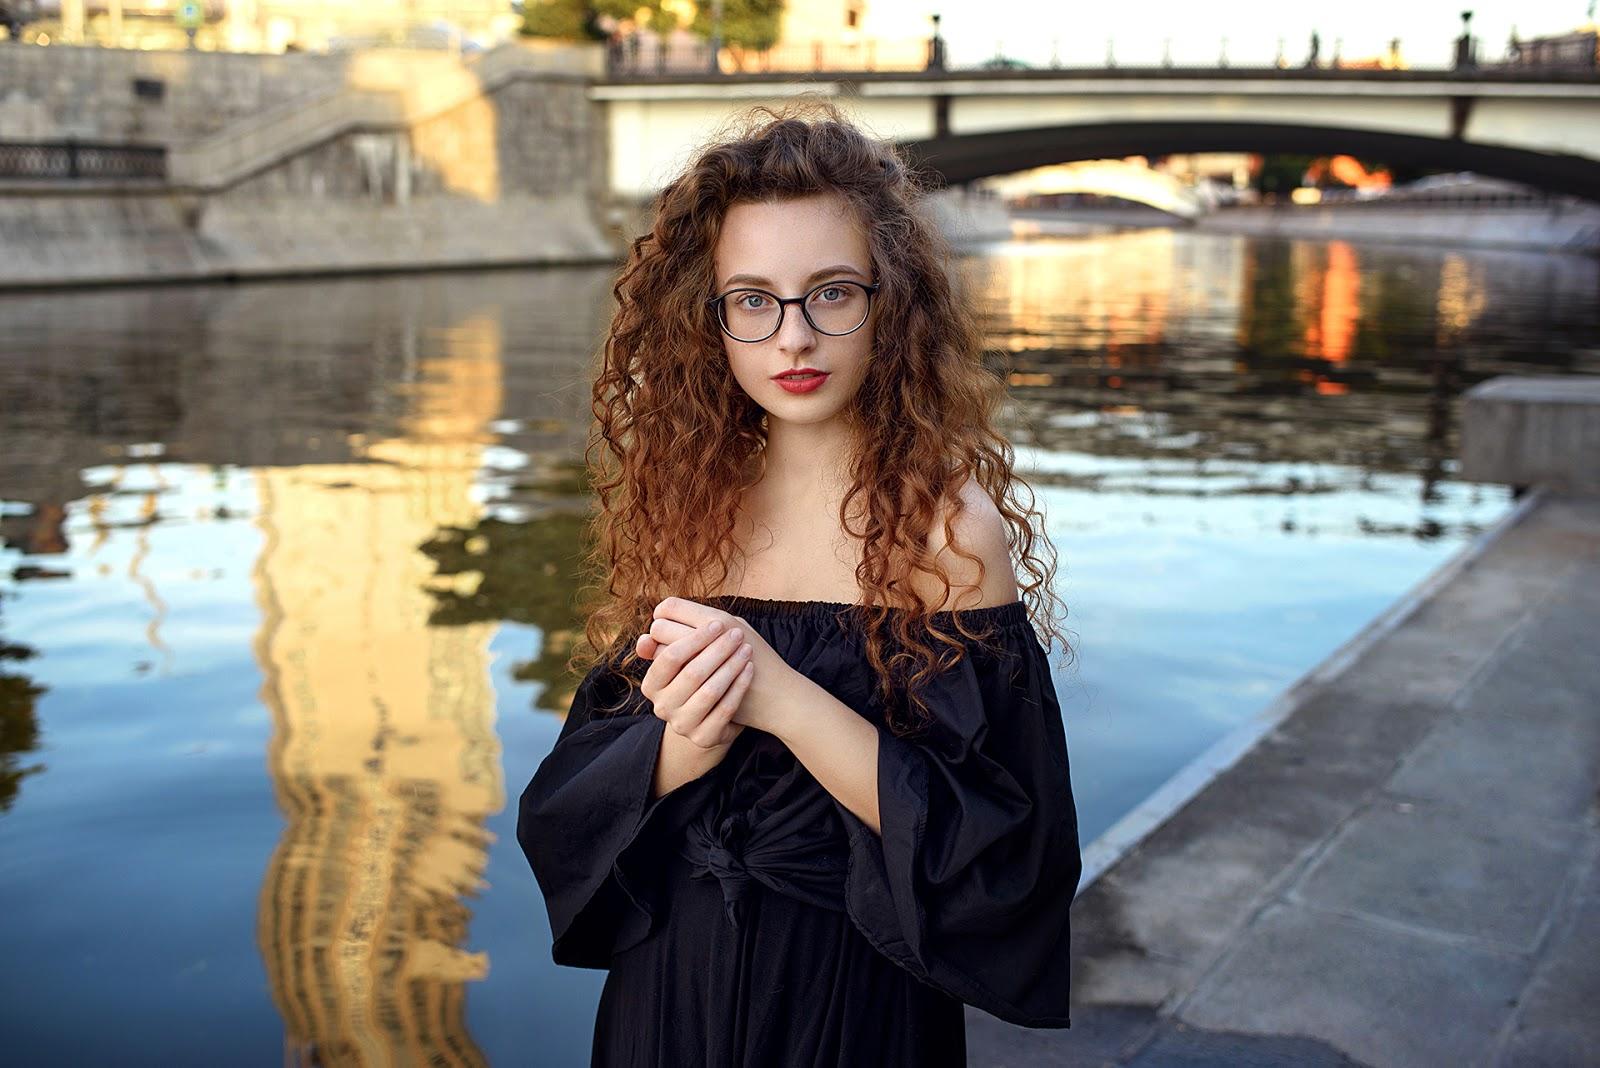 Анастасия Полухина. Автор: Александр Макушин